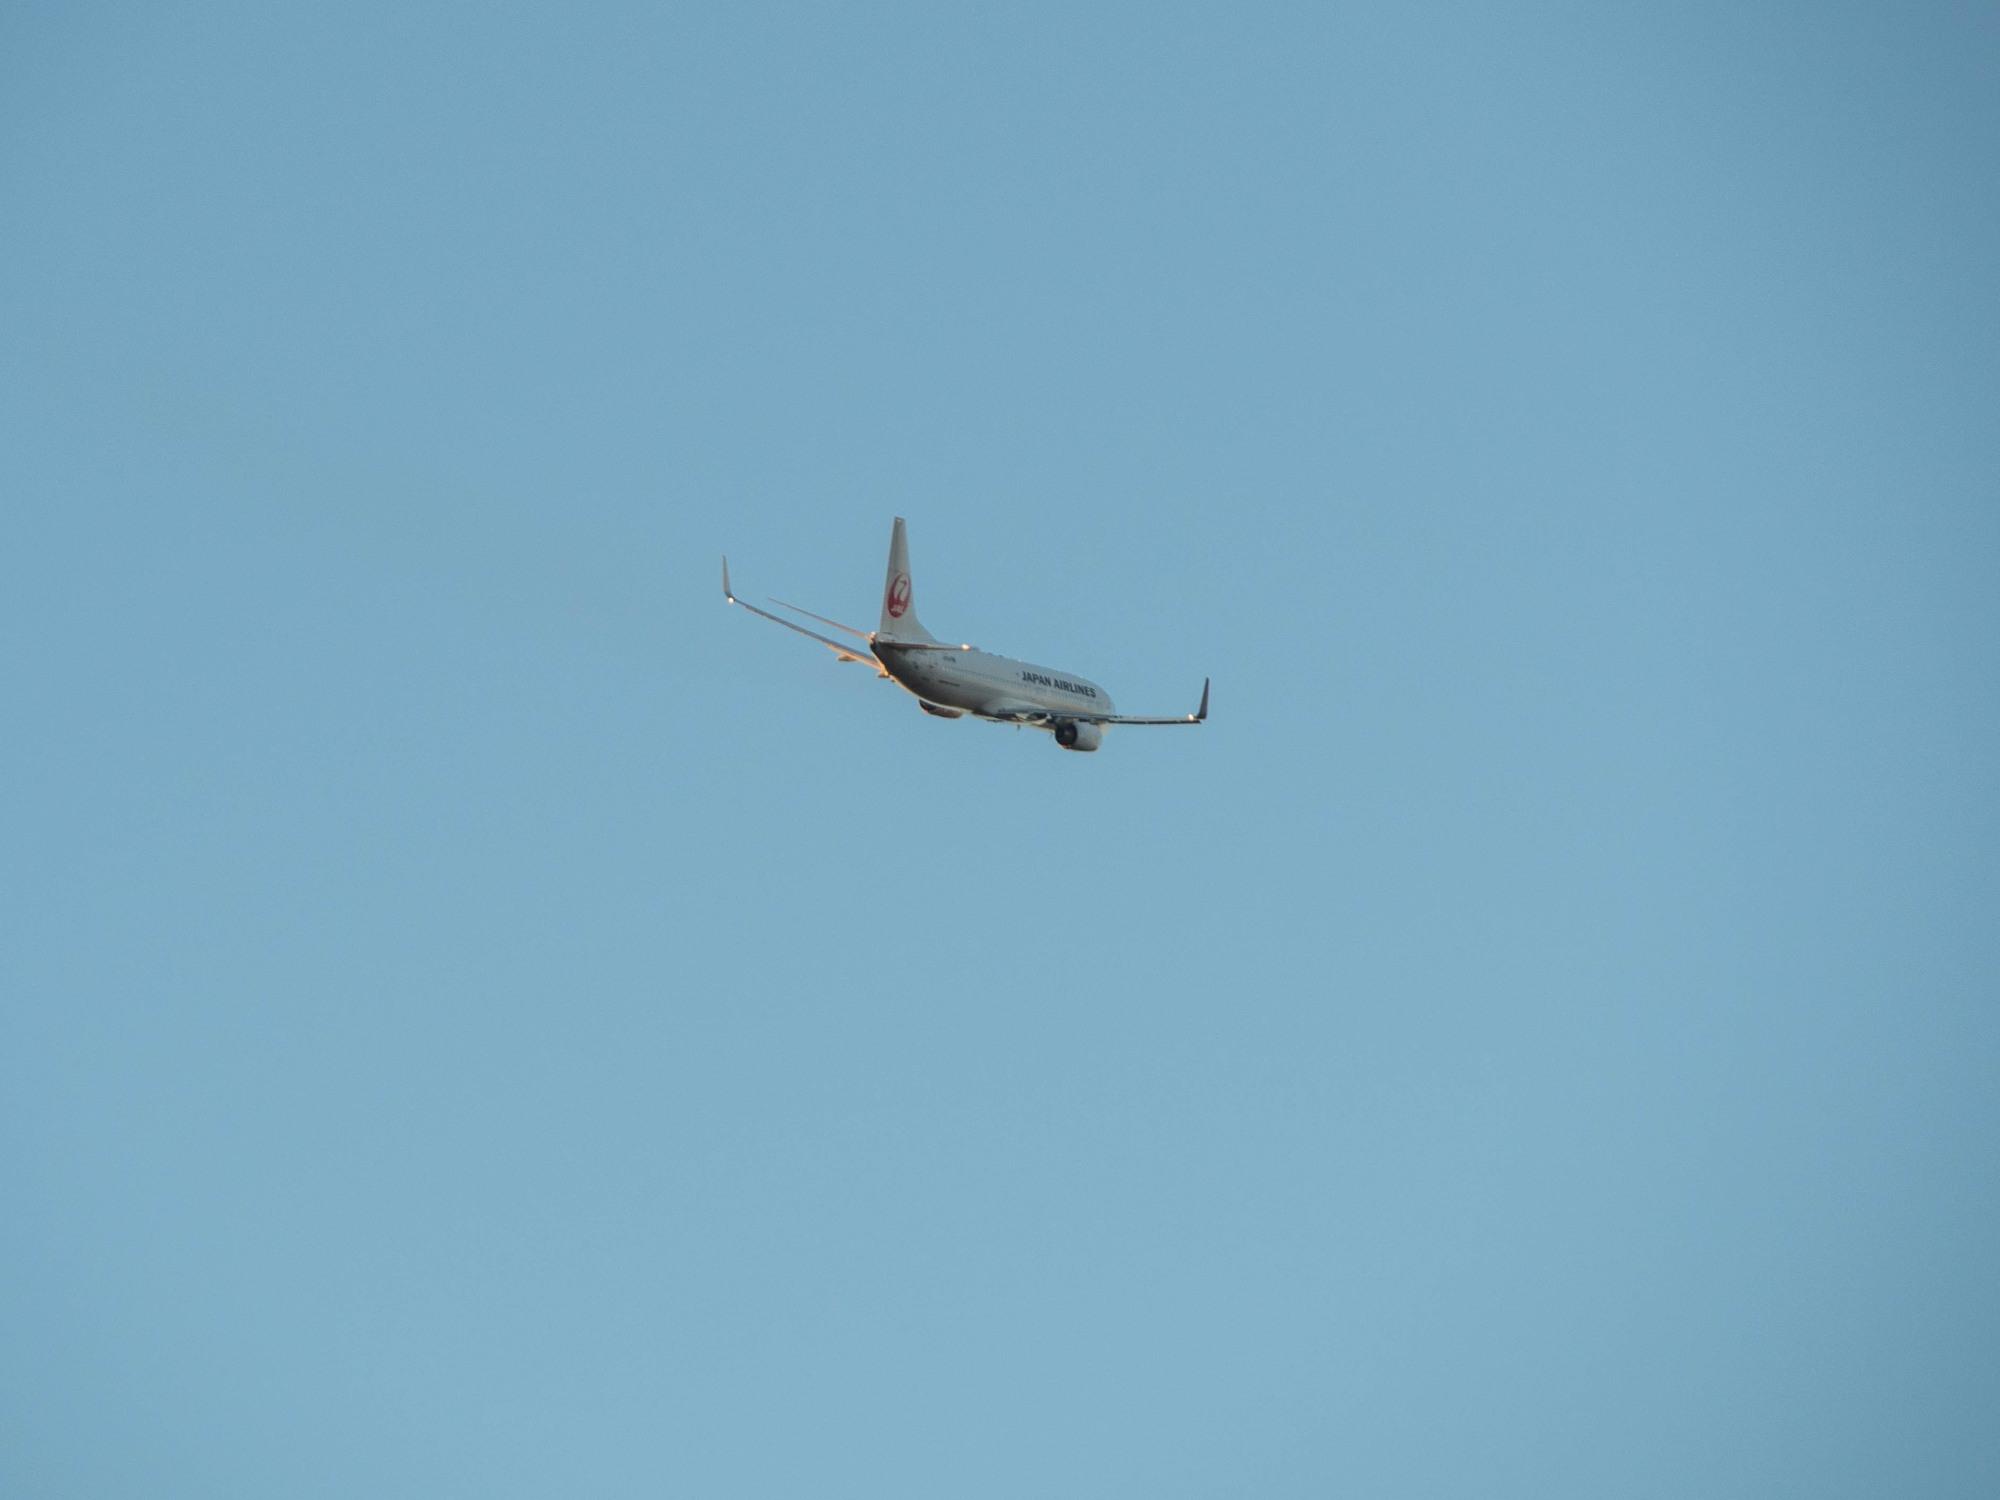 「とかち帯広空港」すぐ近くで航空機の離発着が見れる場所へ_f0276498_14255586.jpg